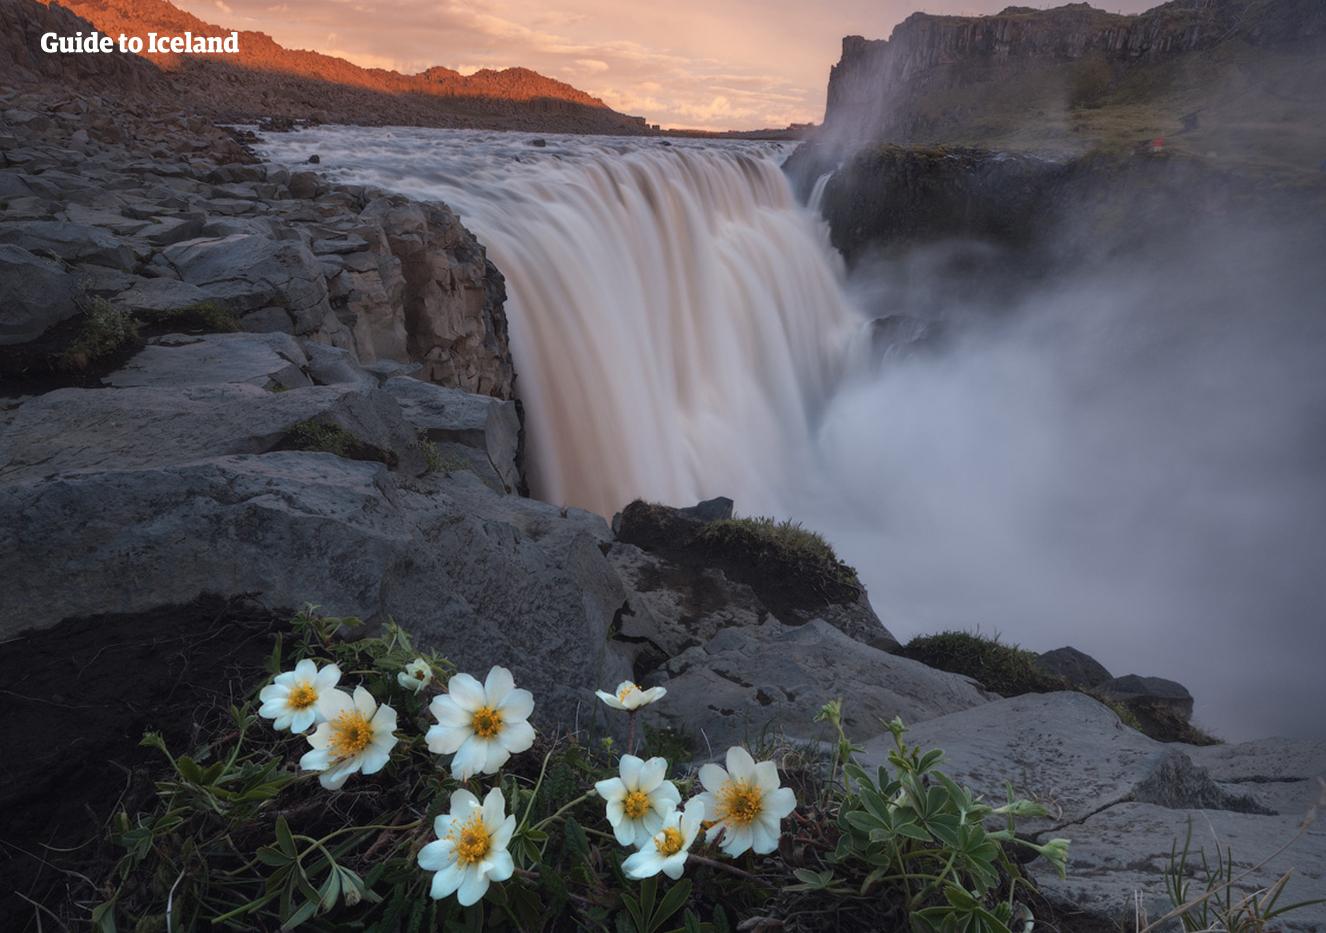 Dettifoss es una hermosa e inmensamente poderosa cascada en el norte de Islandia.